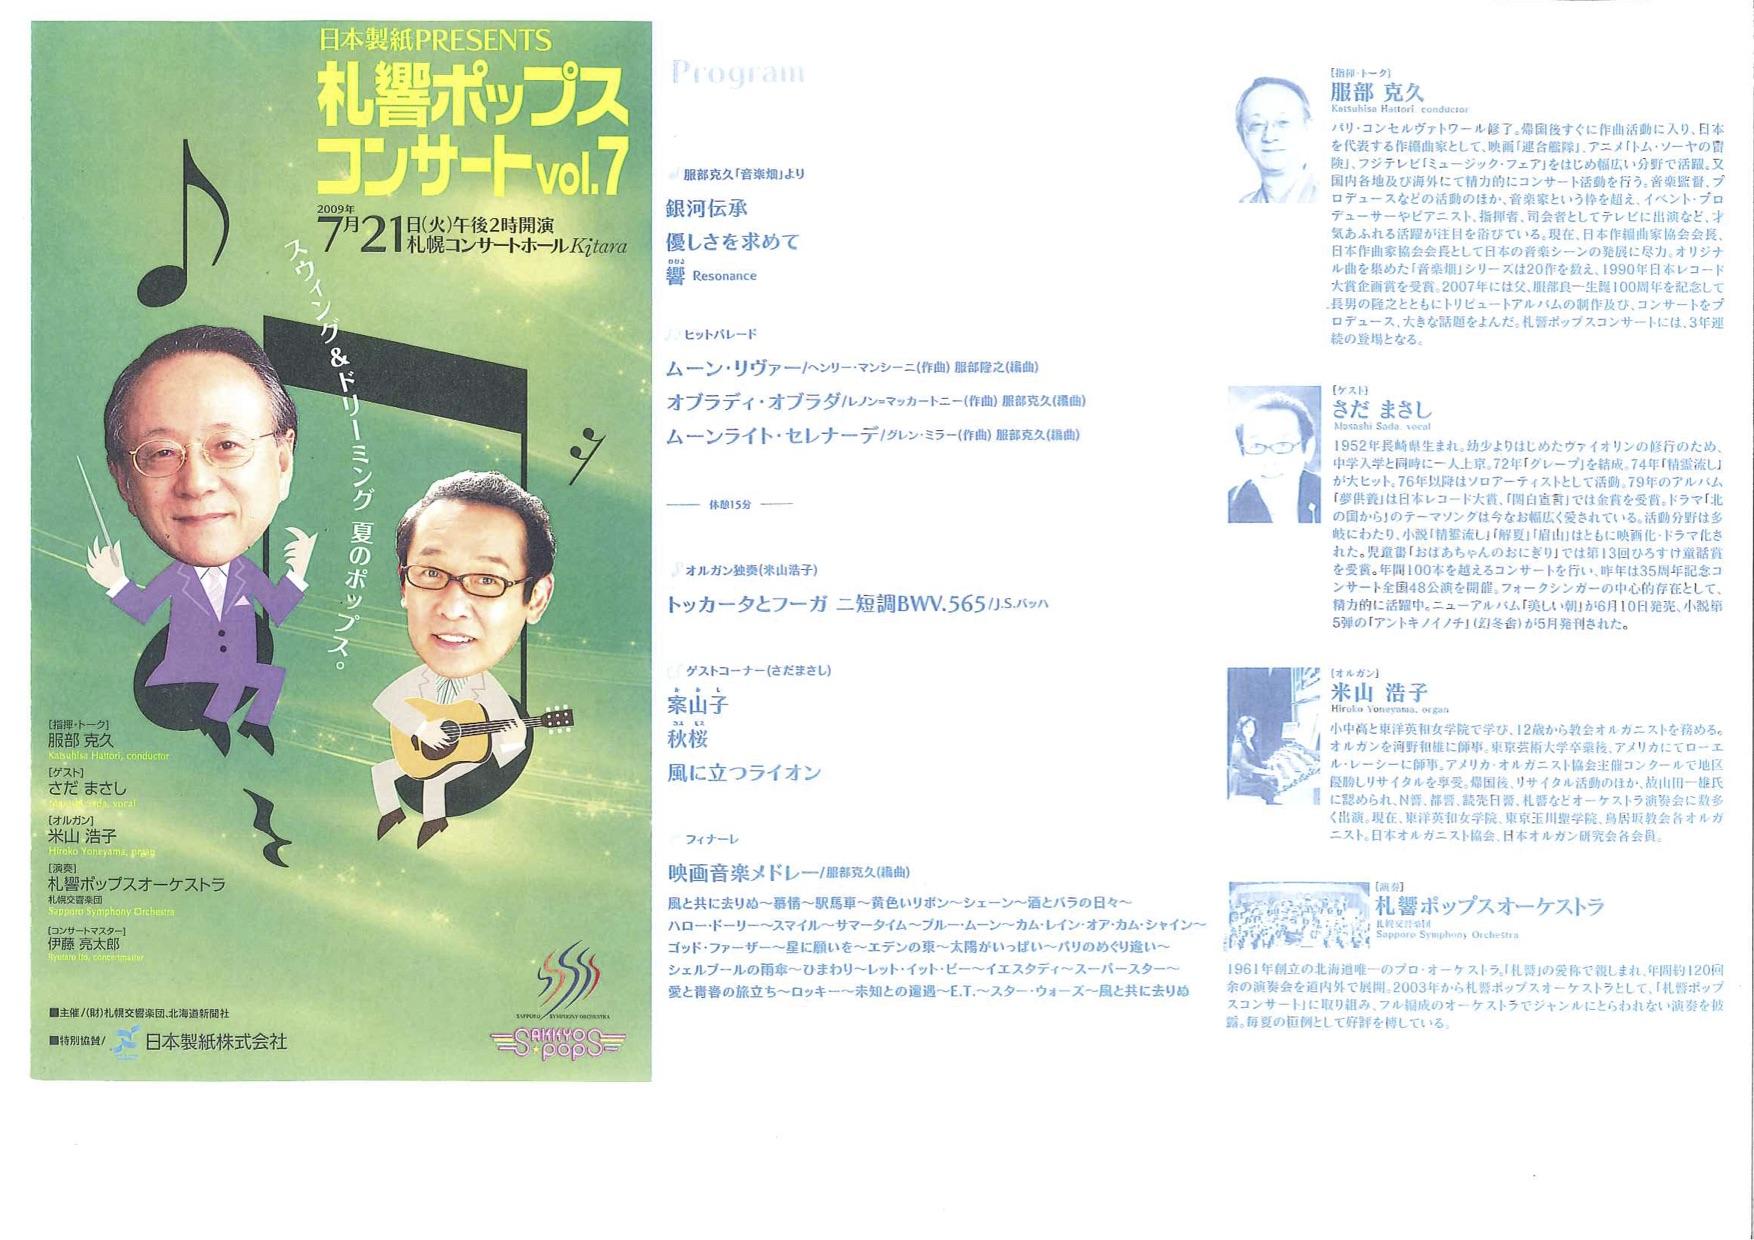 【2009】札響ポップス